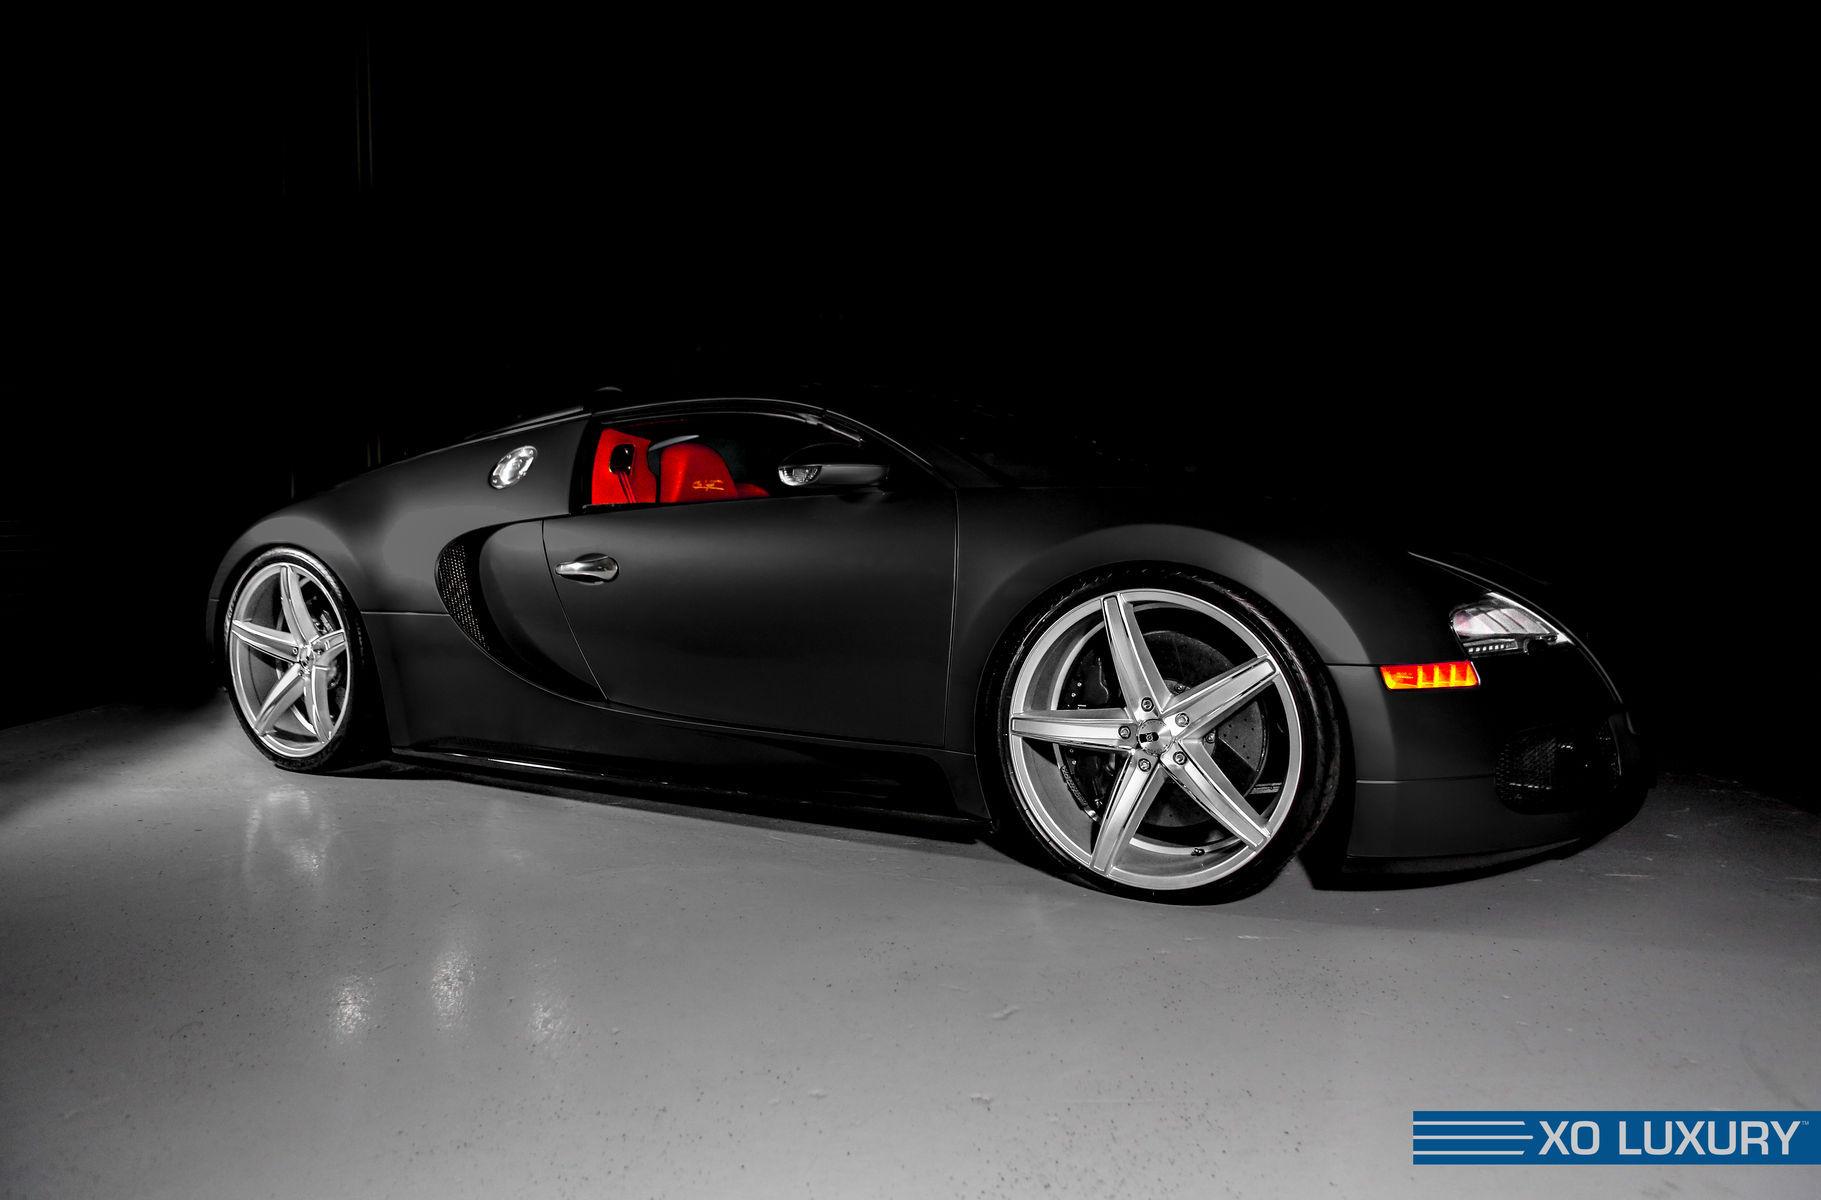 2010 Bugatti Veyron 16.4 | Bugatti - XO Luxury St Thomas